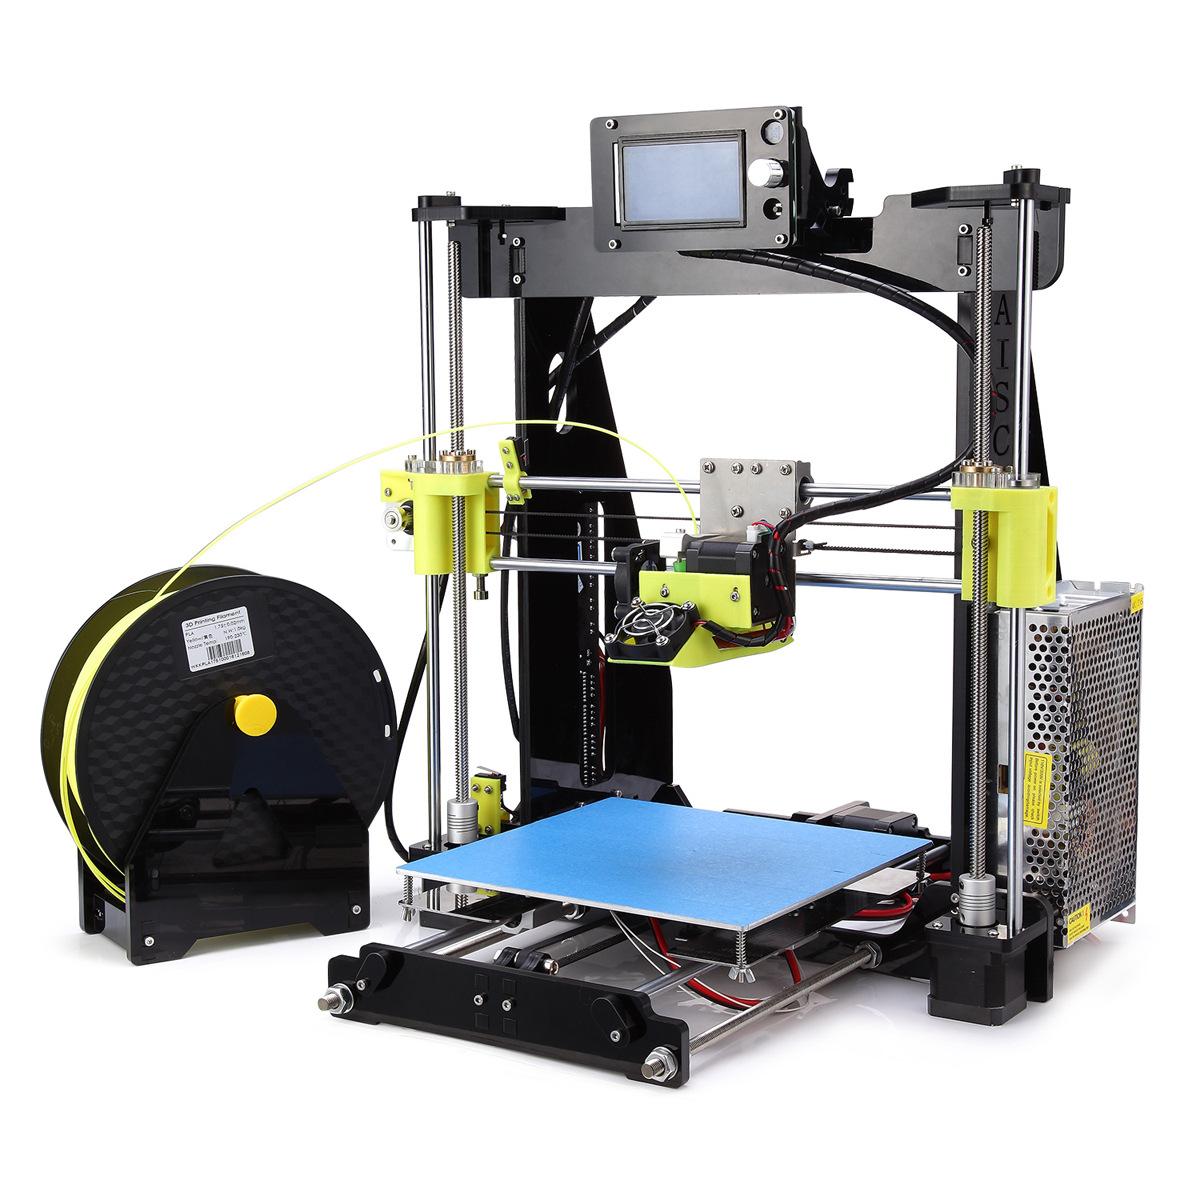 Máy in 3D nhà máy bán hàng trực tiếp 3D in nhanh Số Lượng Lớn một thế hệ giá